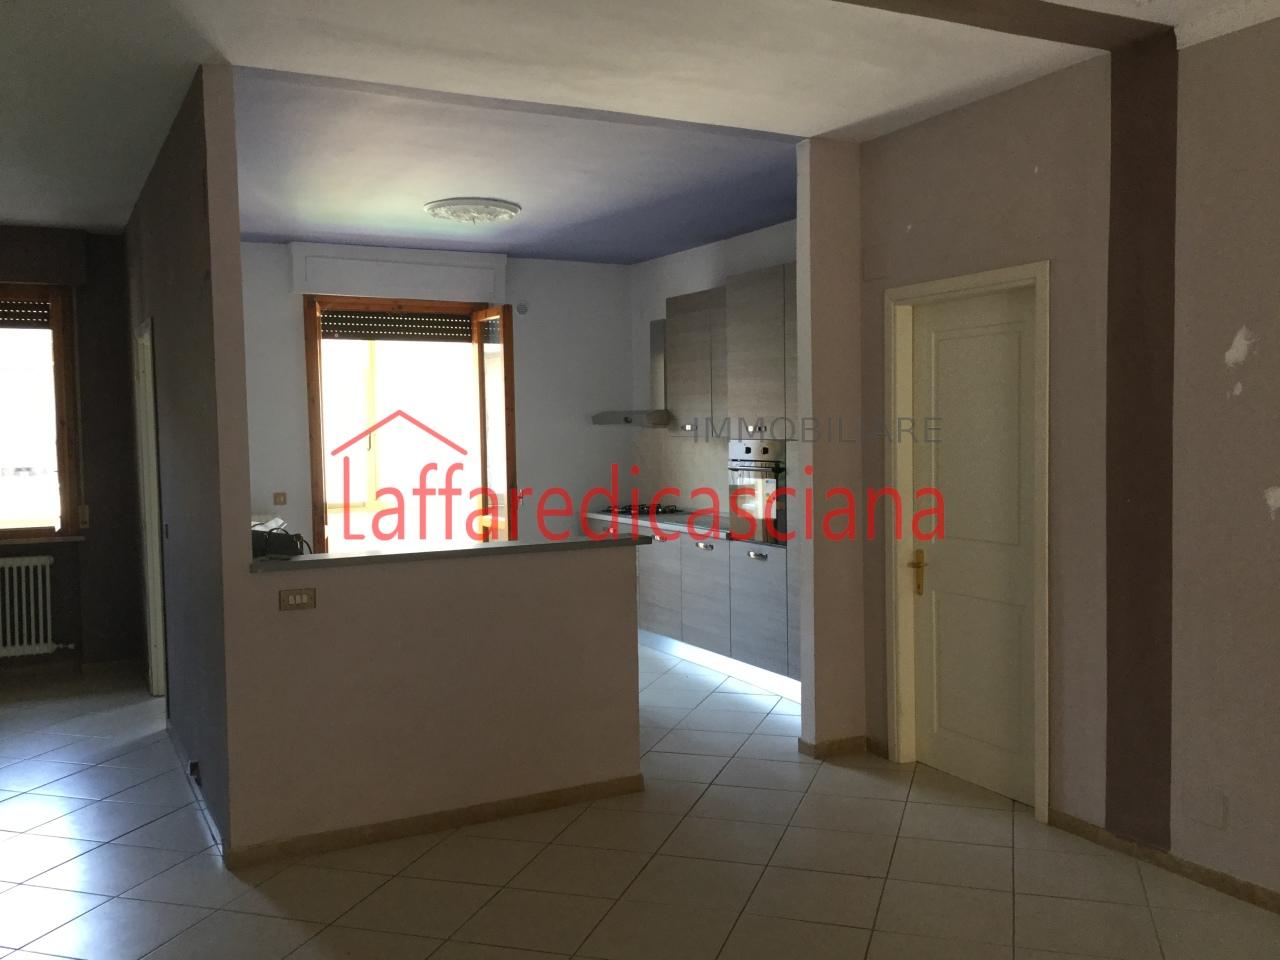 Appartamento in affitto a Casciana Terme Lari, 5 locali, prezzo € 550 | CambioCasa.it